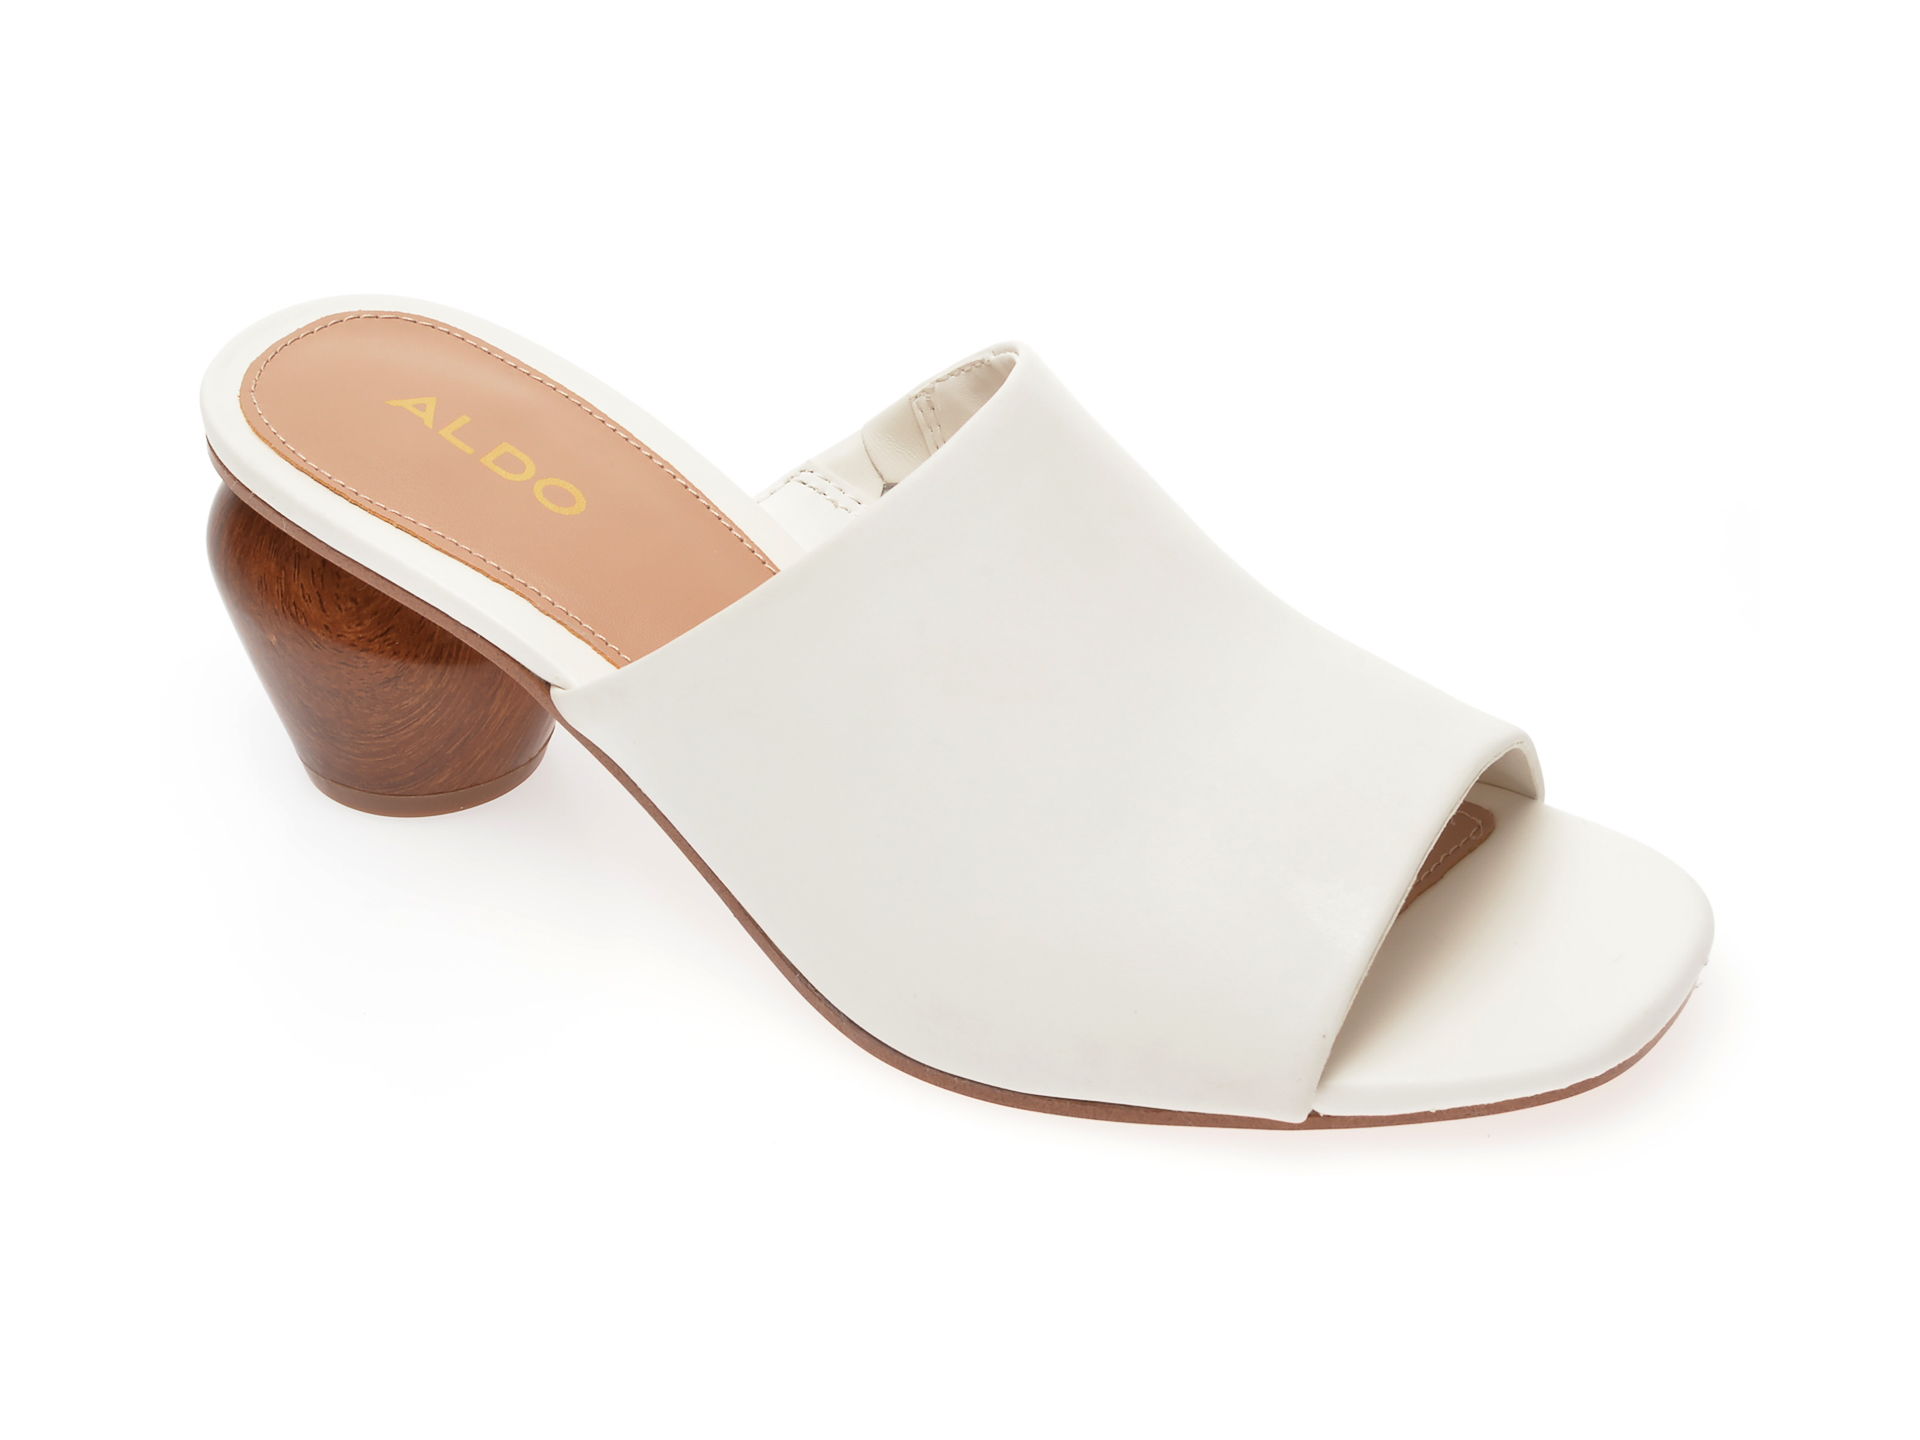 Papuci ALDO albi, Jamelle100, din piele naturala